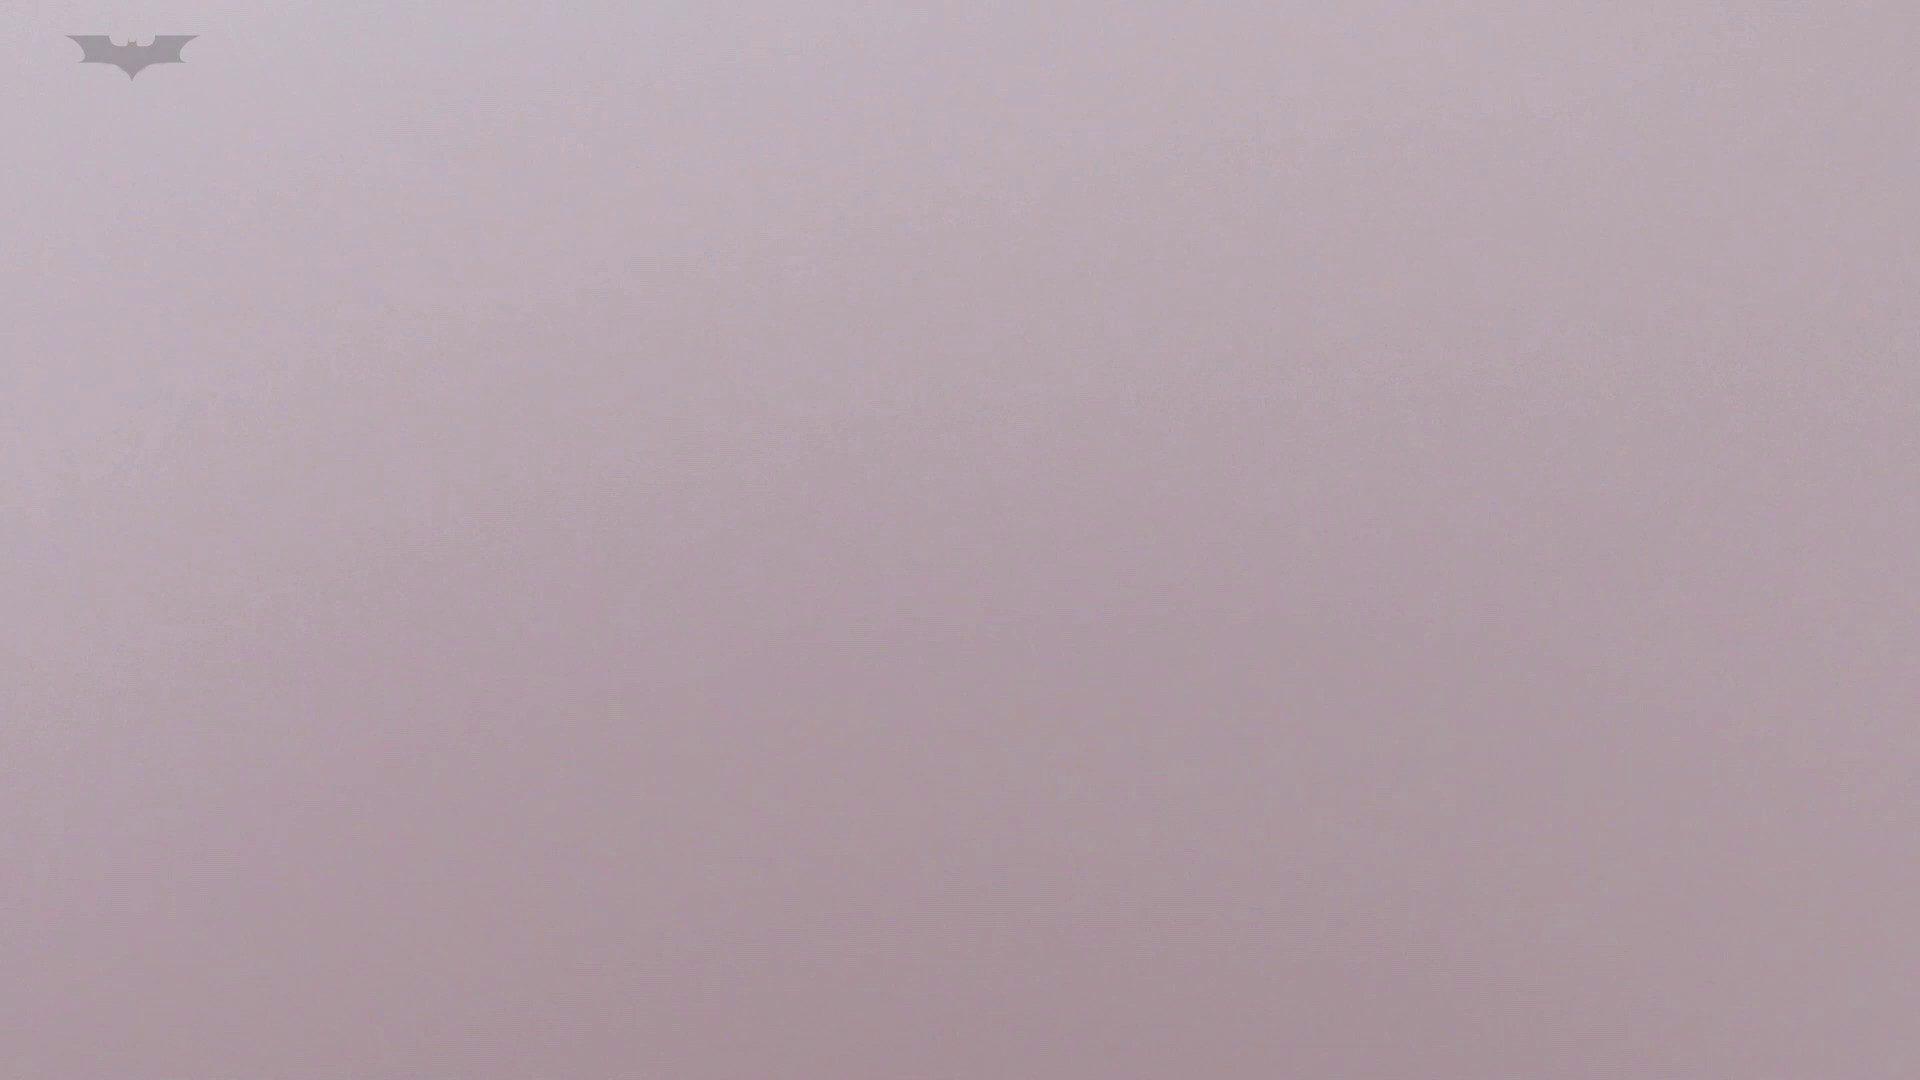 お銀 vol.79 化粧室では、高確率で素の女性がみられます!! OL  73pic 3